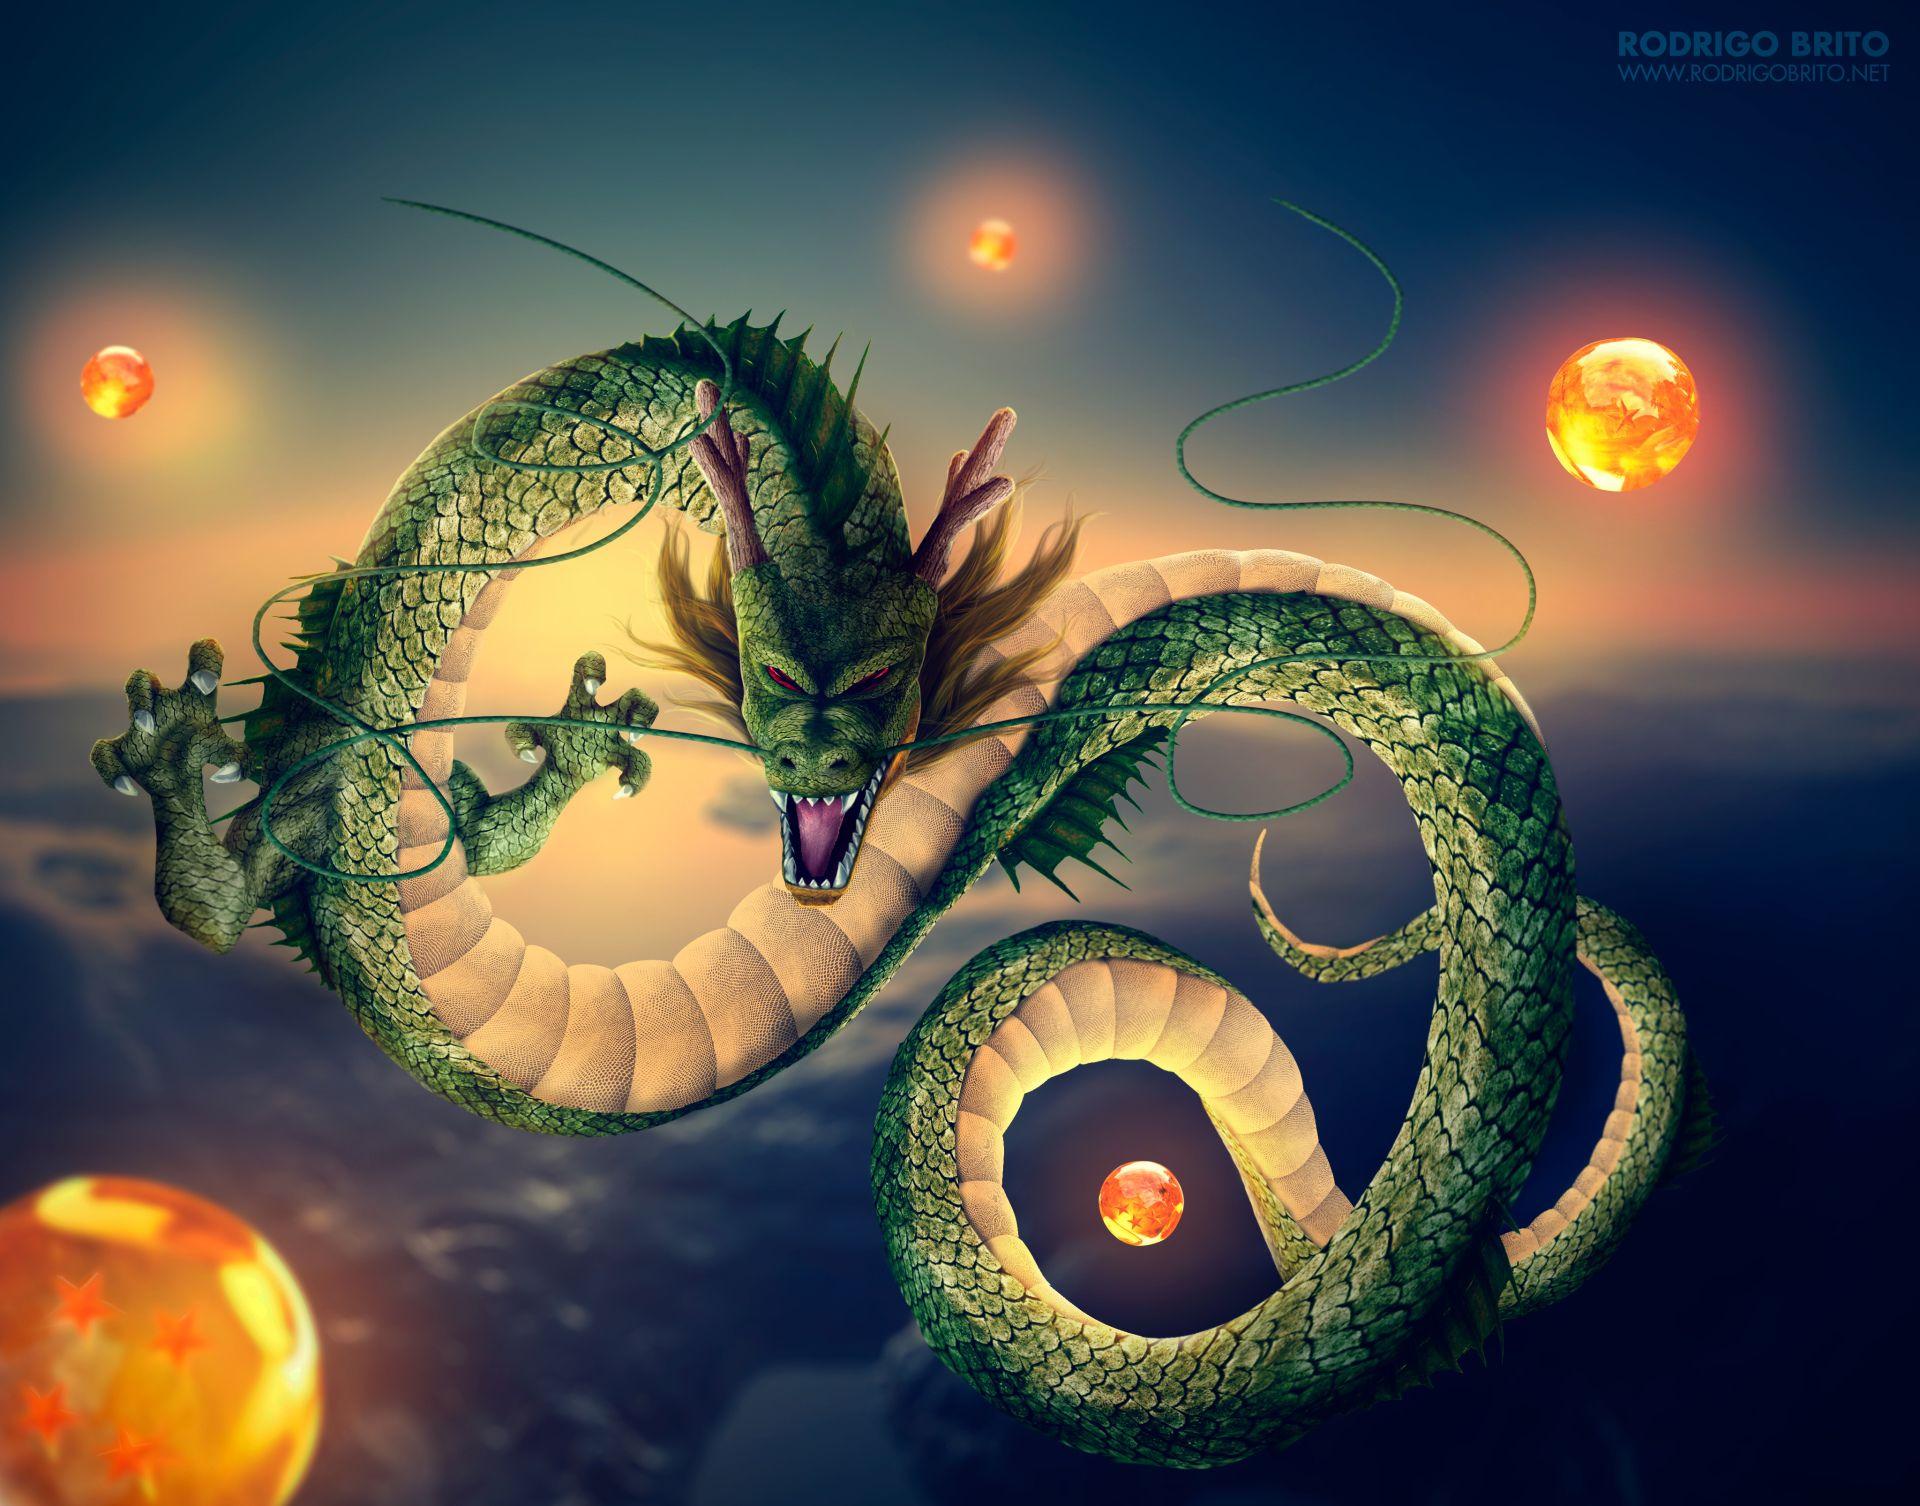 Hình ảnh Nền Con Rồng đẹp Nhất Thế Giới